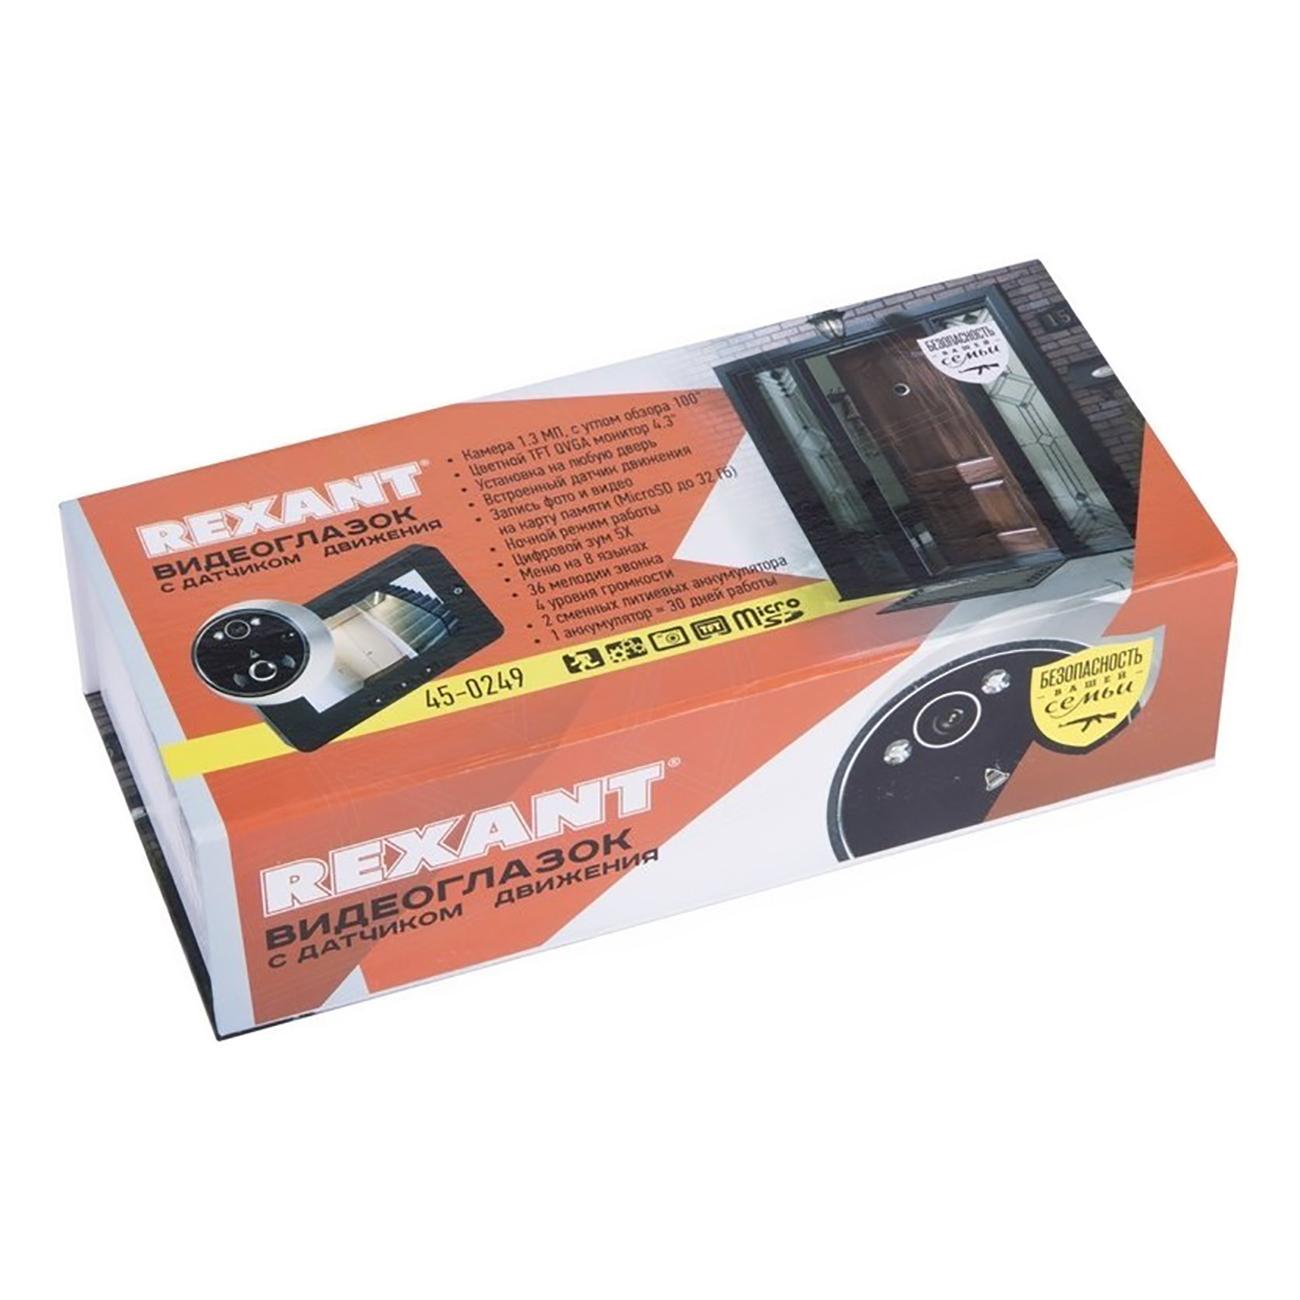 Фото Дверной видеоглазок Rexant с функцией записи видео/фото по движению {45-0249} (3)